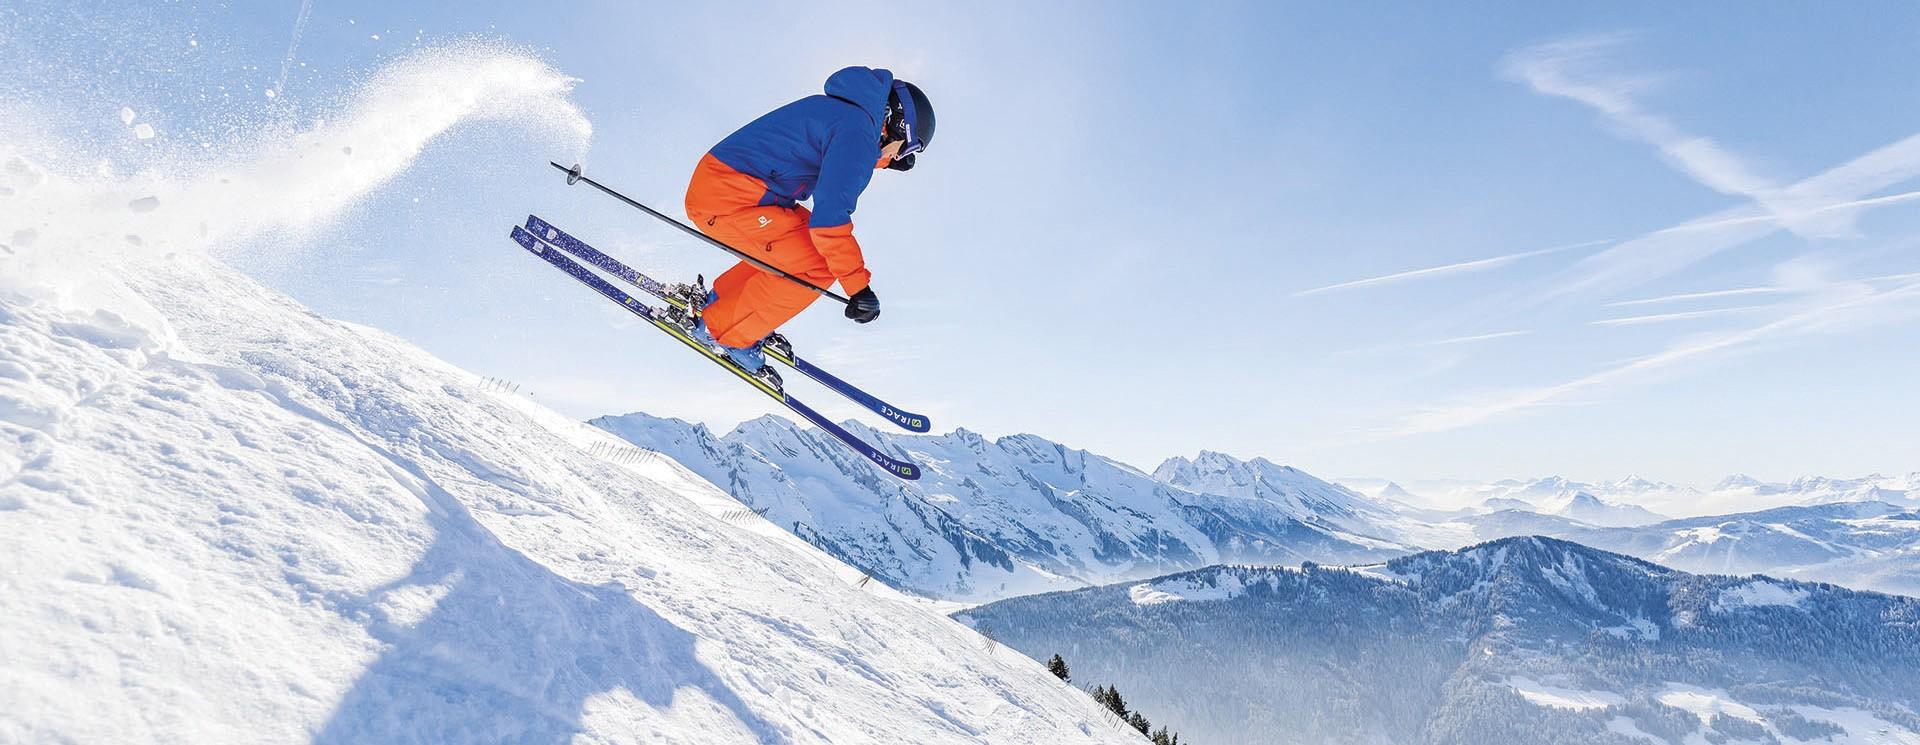 1920x1440-ski-h2019-ot-le-grand-bornand-alpcat-medias-34i8260-web-1920x745-200681-324031 - © Alpcat médias Le Grand-Bornand